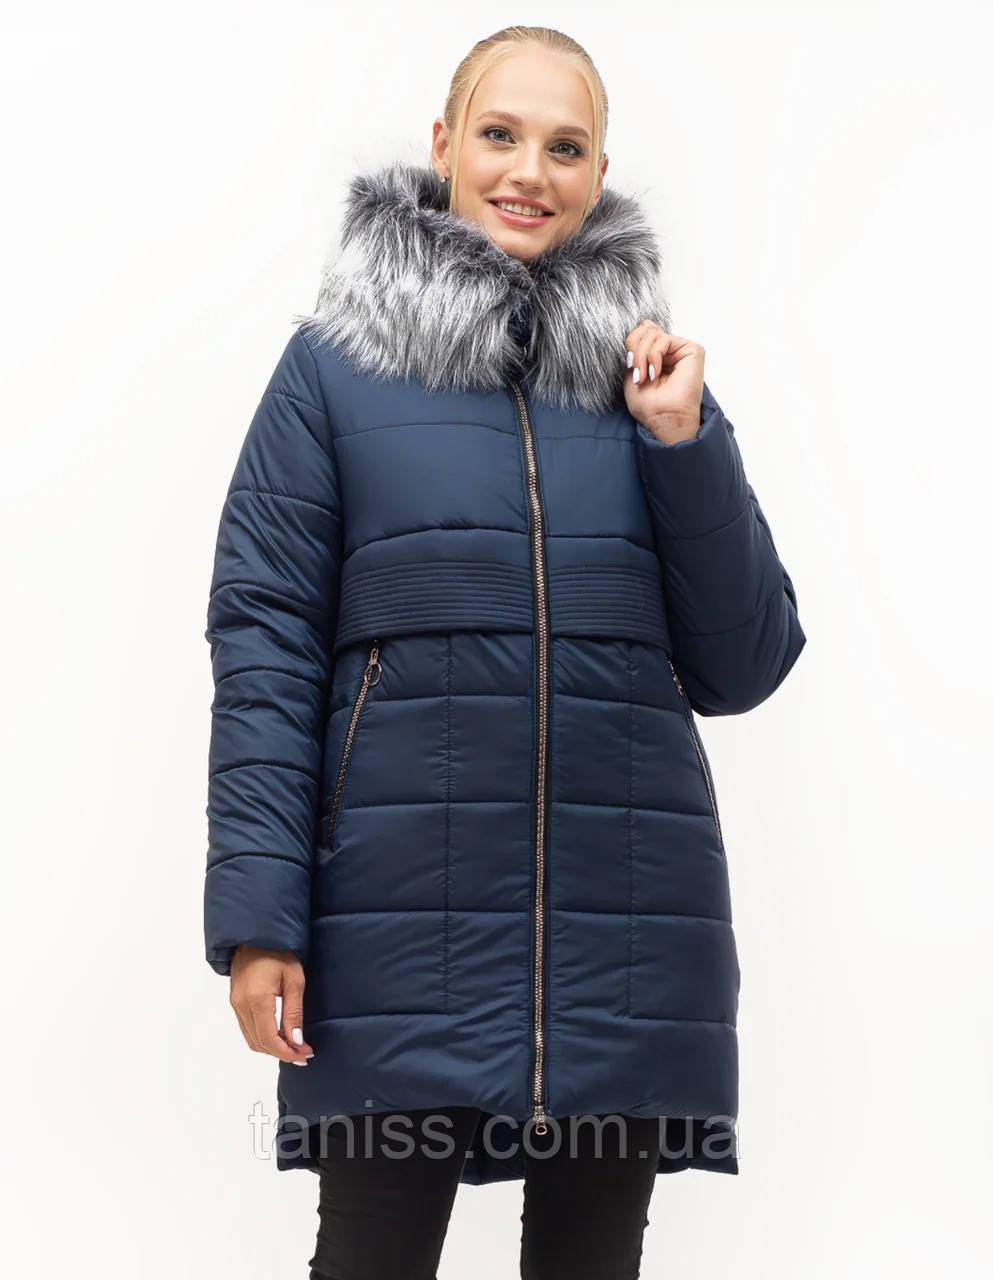 Жіночий зимовий пуховик великого розміру, капюшон вшитий, р-ри з 46 по 58, синій хутро (152)